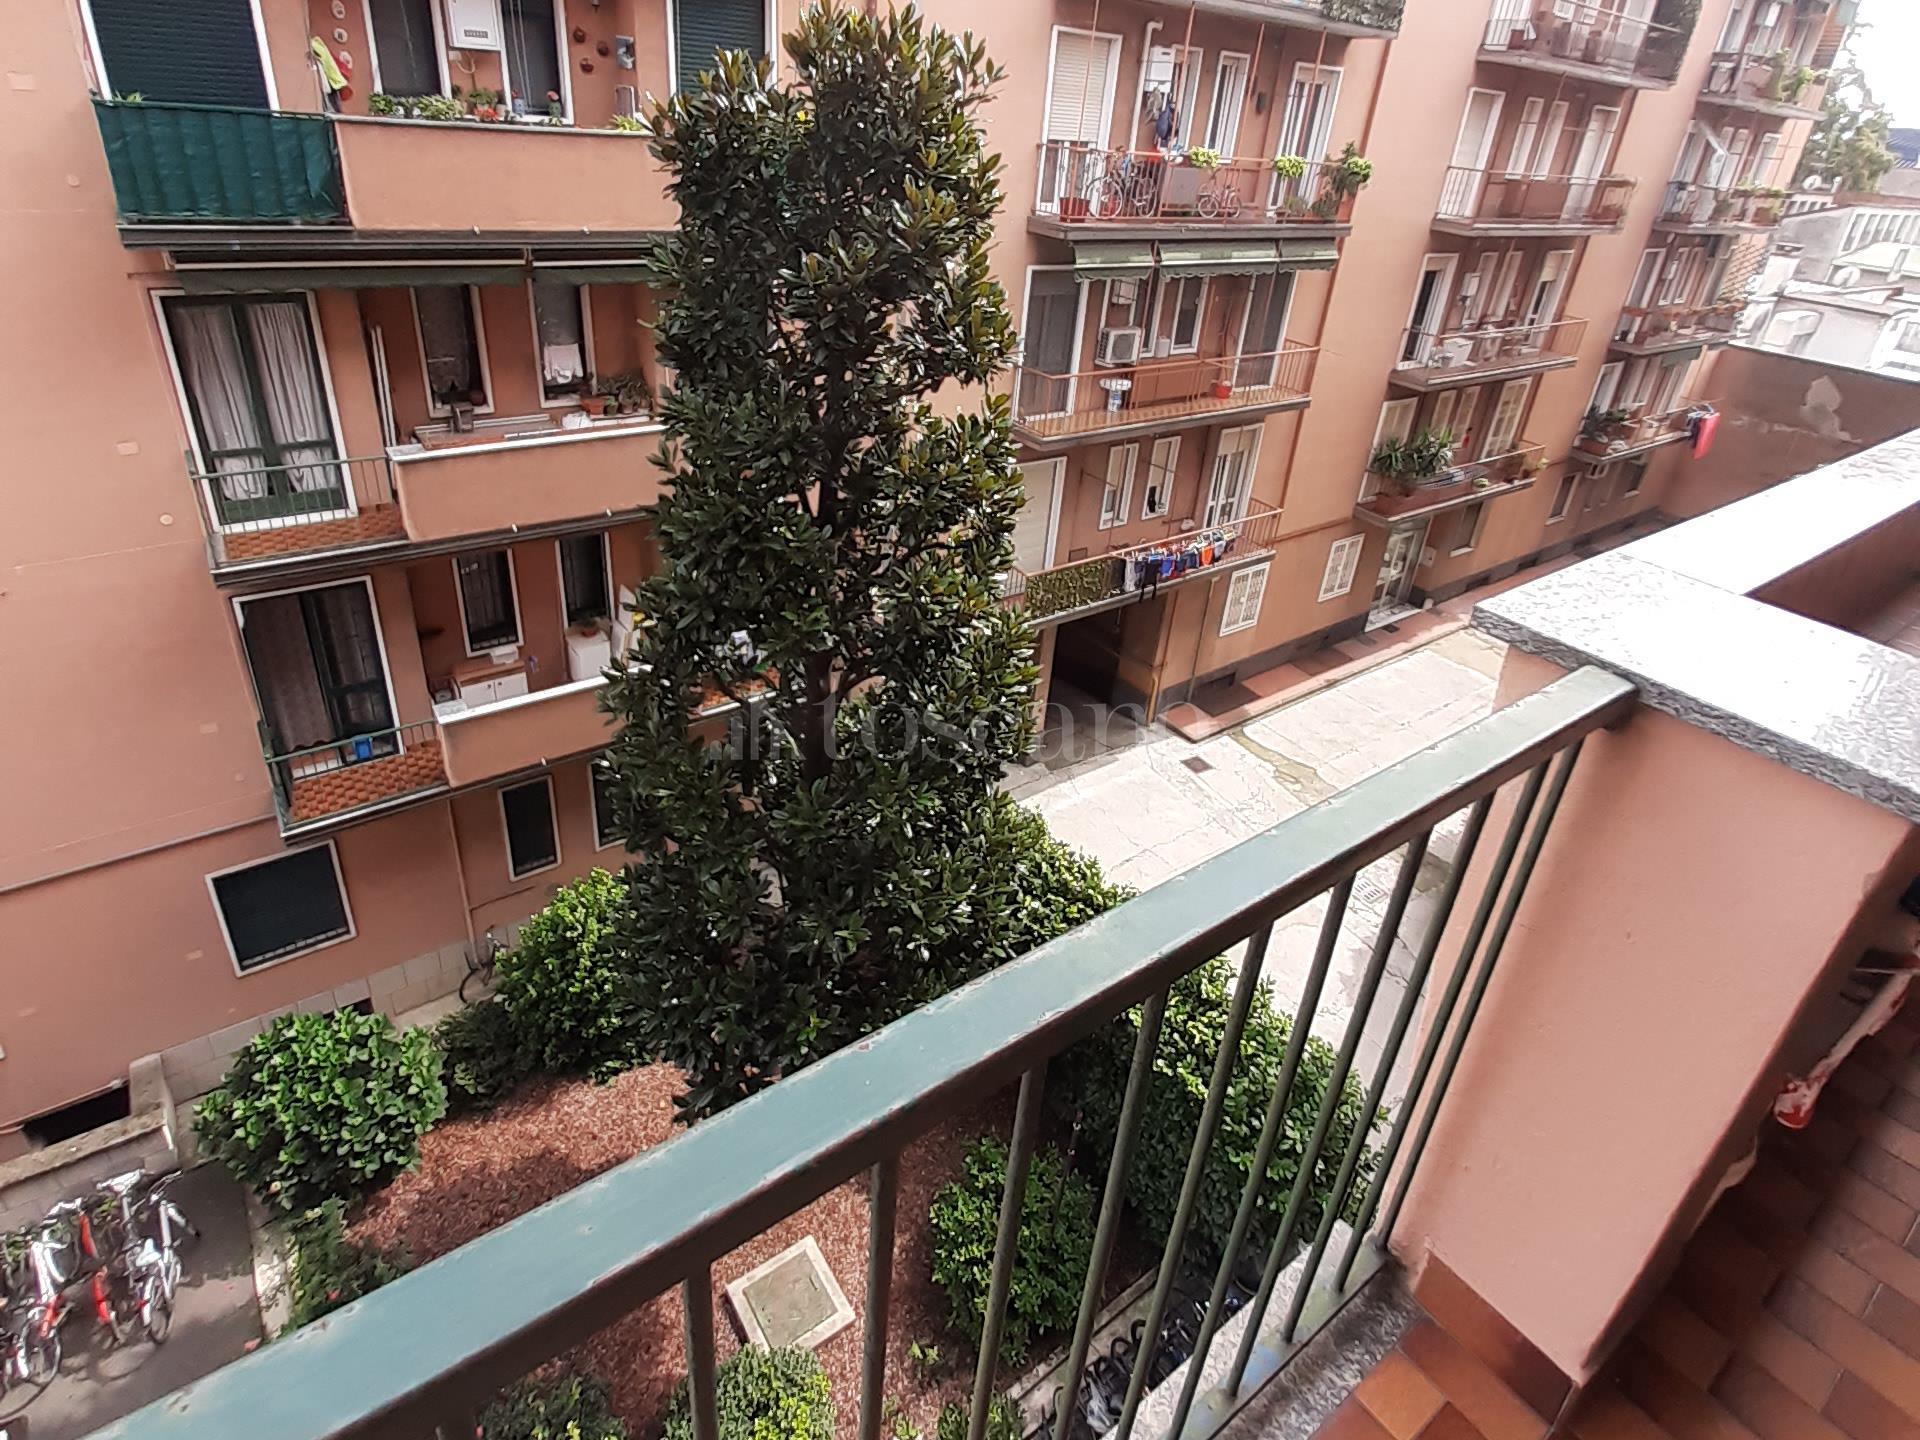 Casa in vendita di 60 mq a €219.000 (rif. 30/2020)